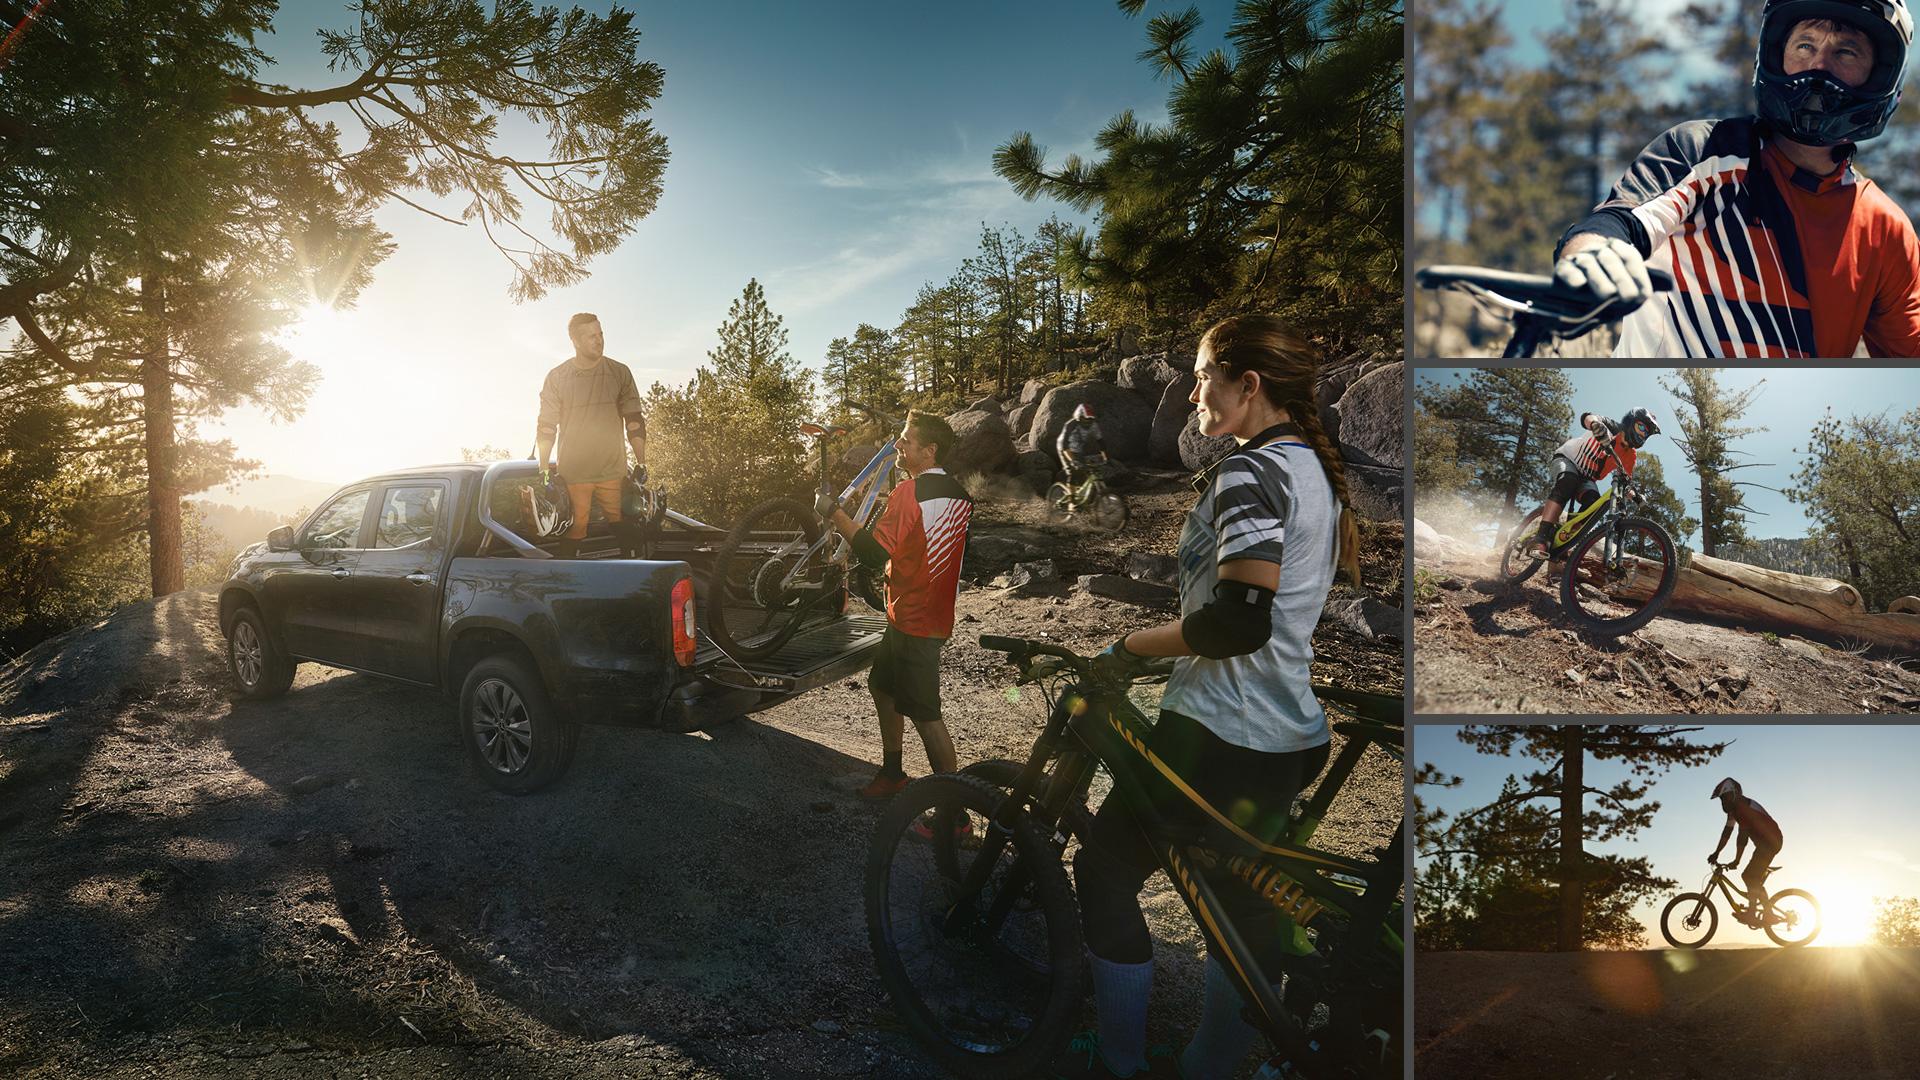 ©ankeluckmann x downhill, Mercedes Benz X-Klasse, Anke Luckmann, ©ankeluckmann, campaign, LLR, kai tietz, www.ankeluckmann.com, recom, friends